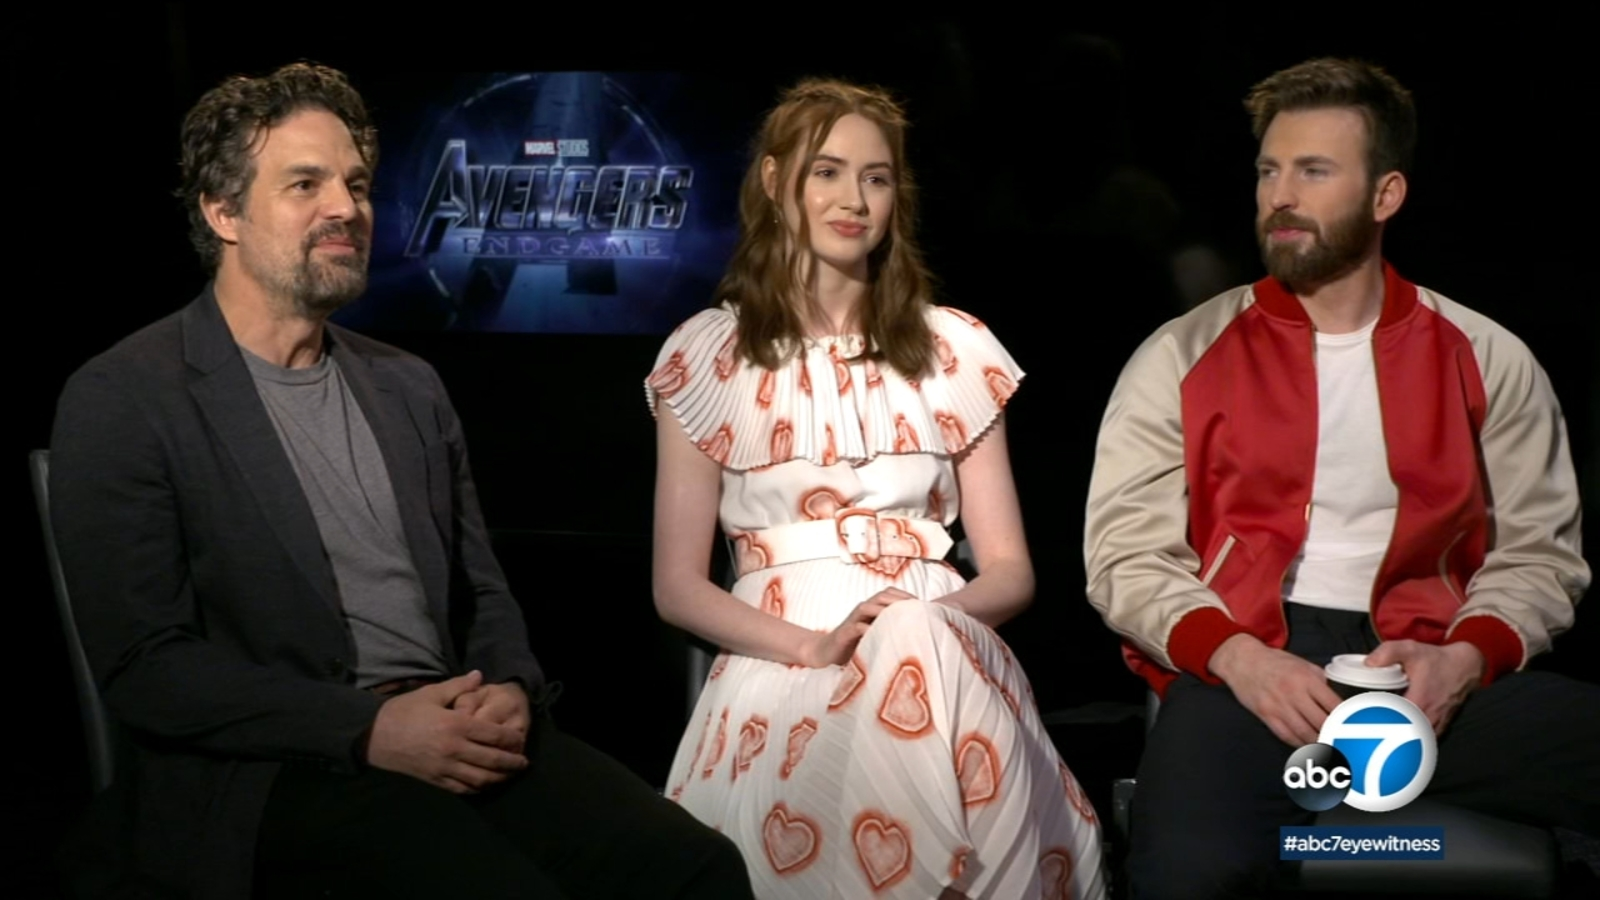 'Avengers: Endgame' stars reflect on the 22 film run of the Marvel series